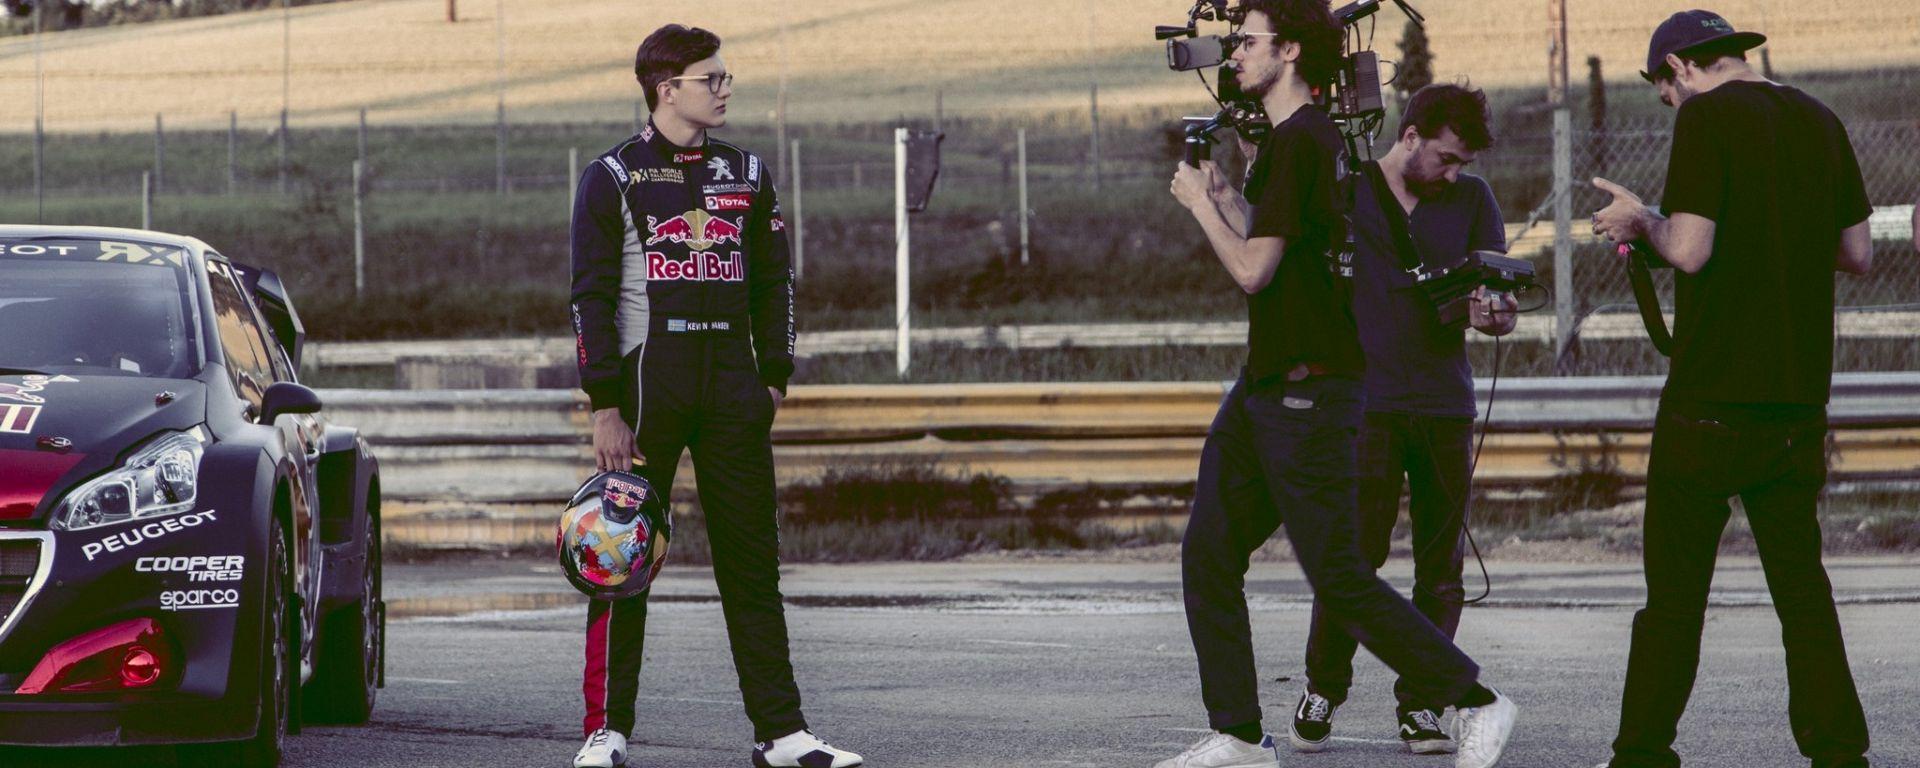 Il Rallycross è la linfa vitale di Peugeot: un video per dimostrarlo